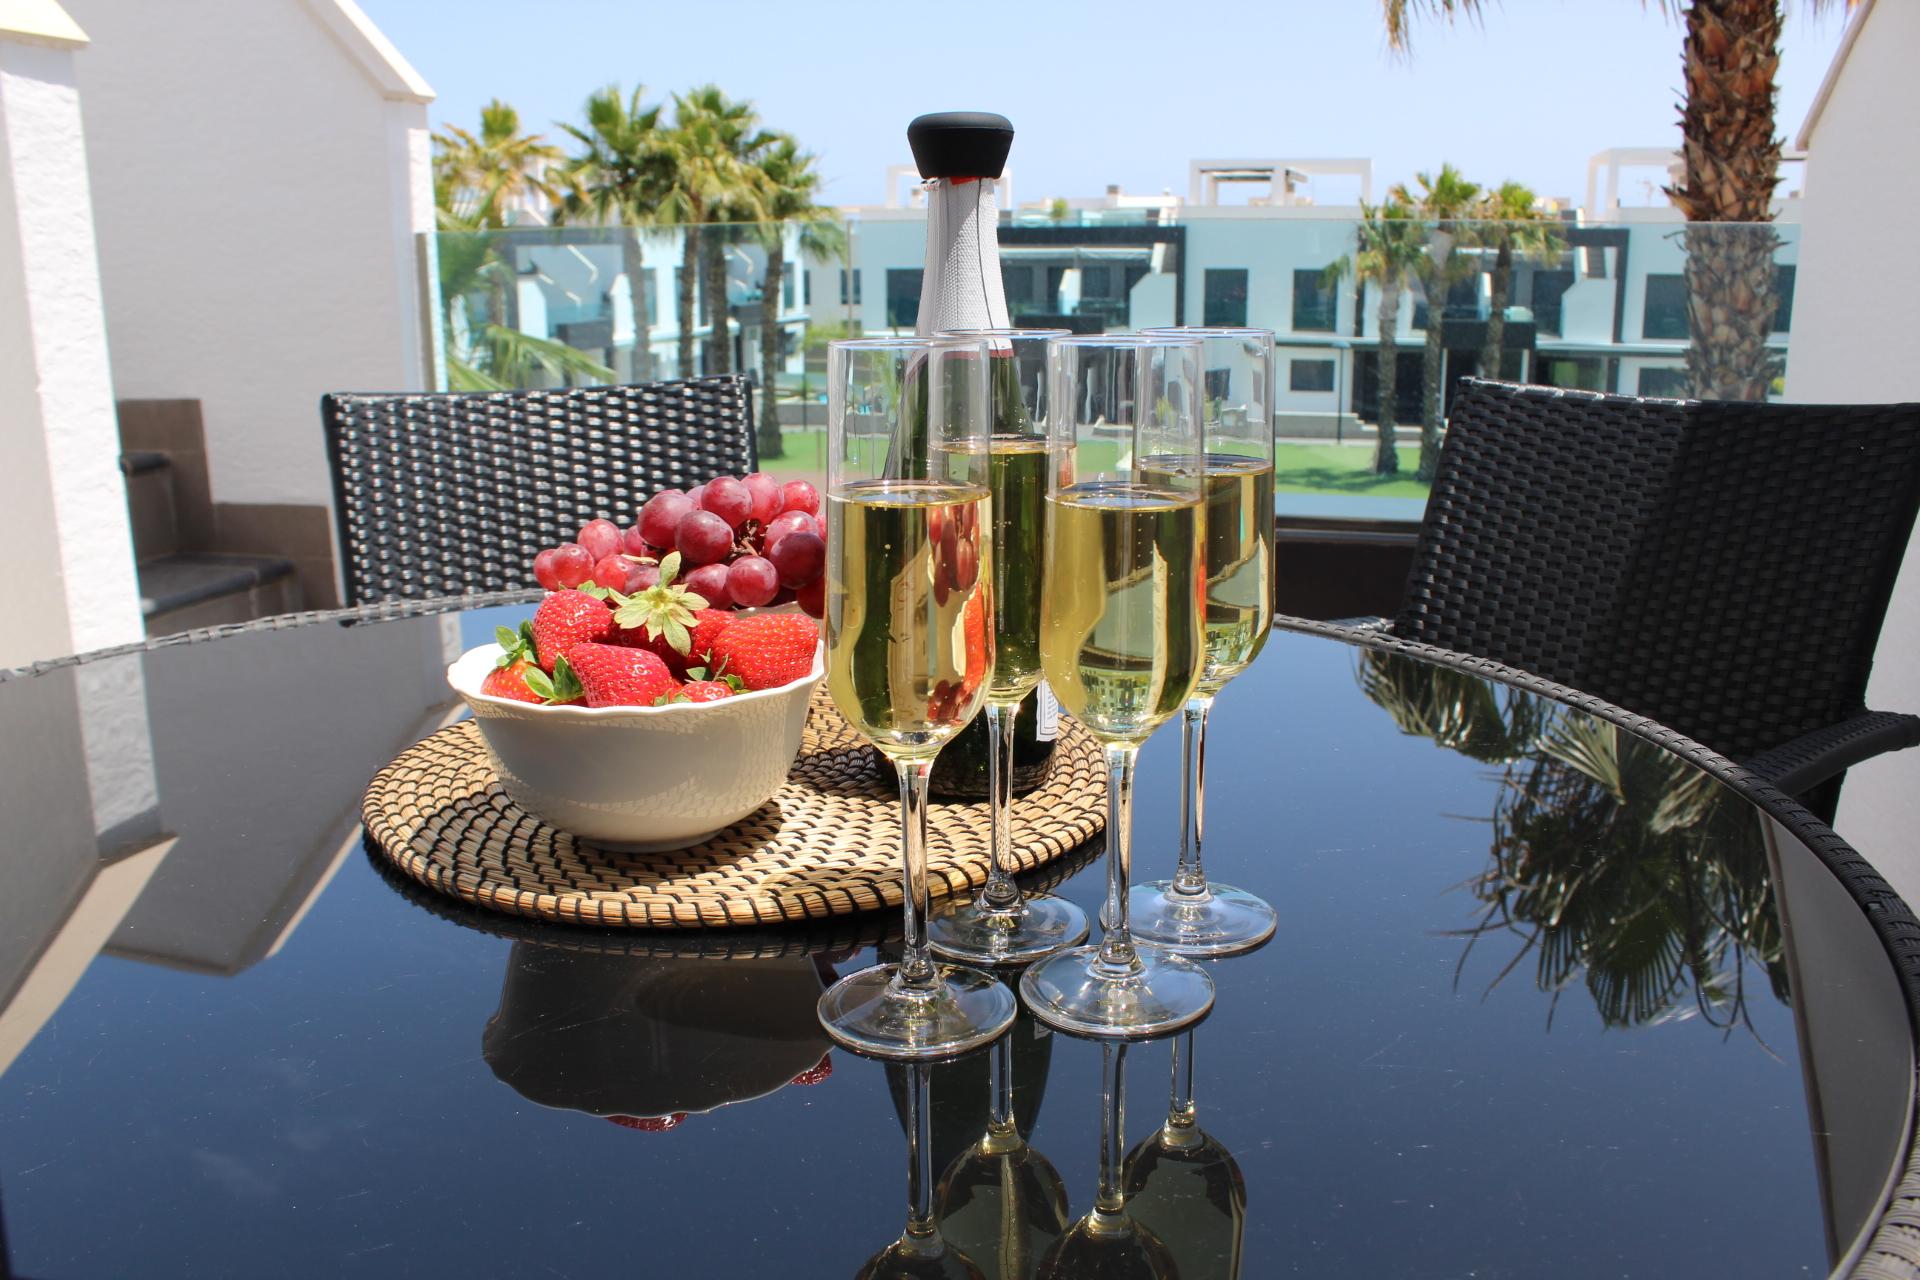 Vakantieappartement huren in Oasis Beach la Zenia!